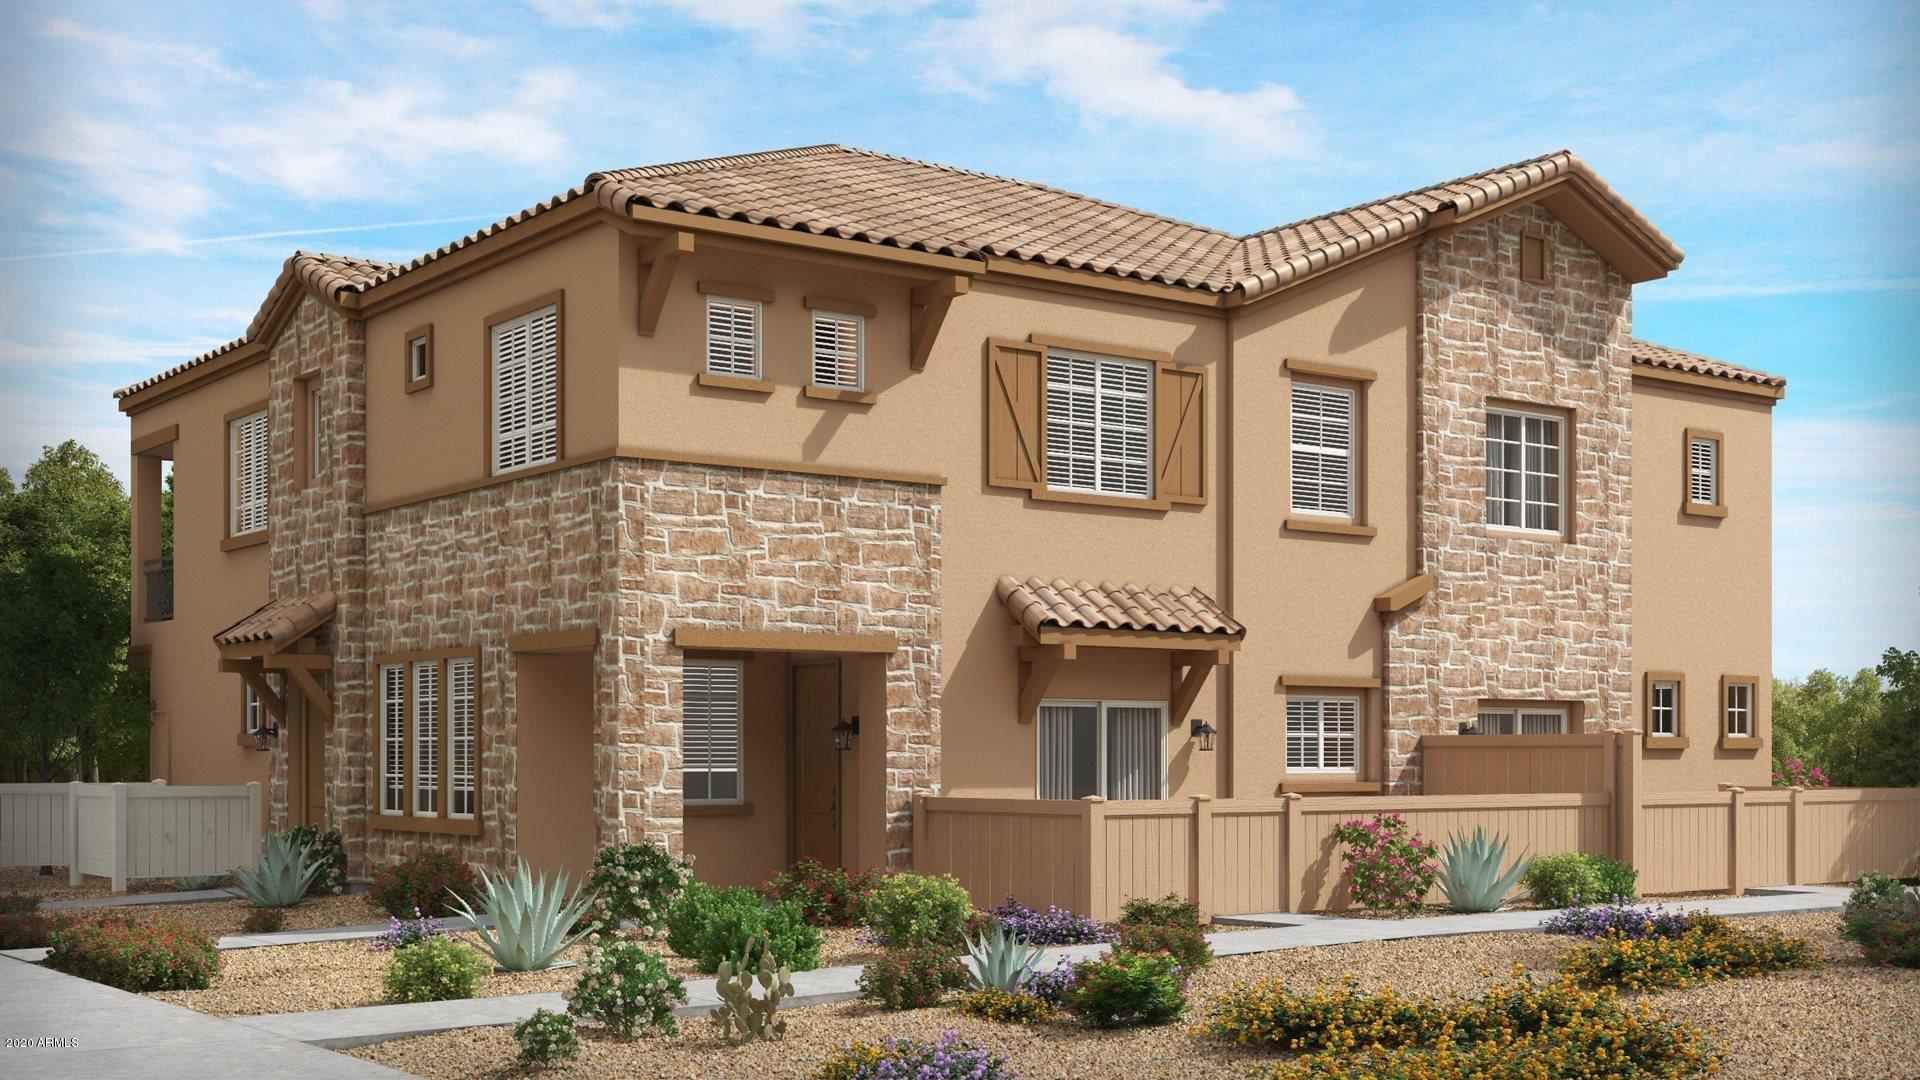 4100 S Pinelake Way, Chandler, AZ 85248 - #: 6137733